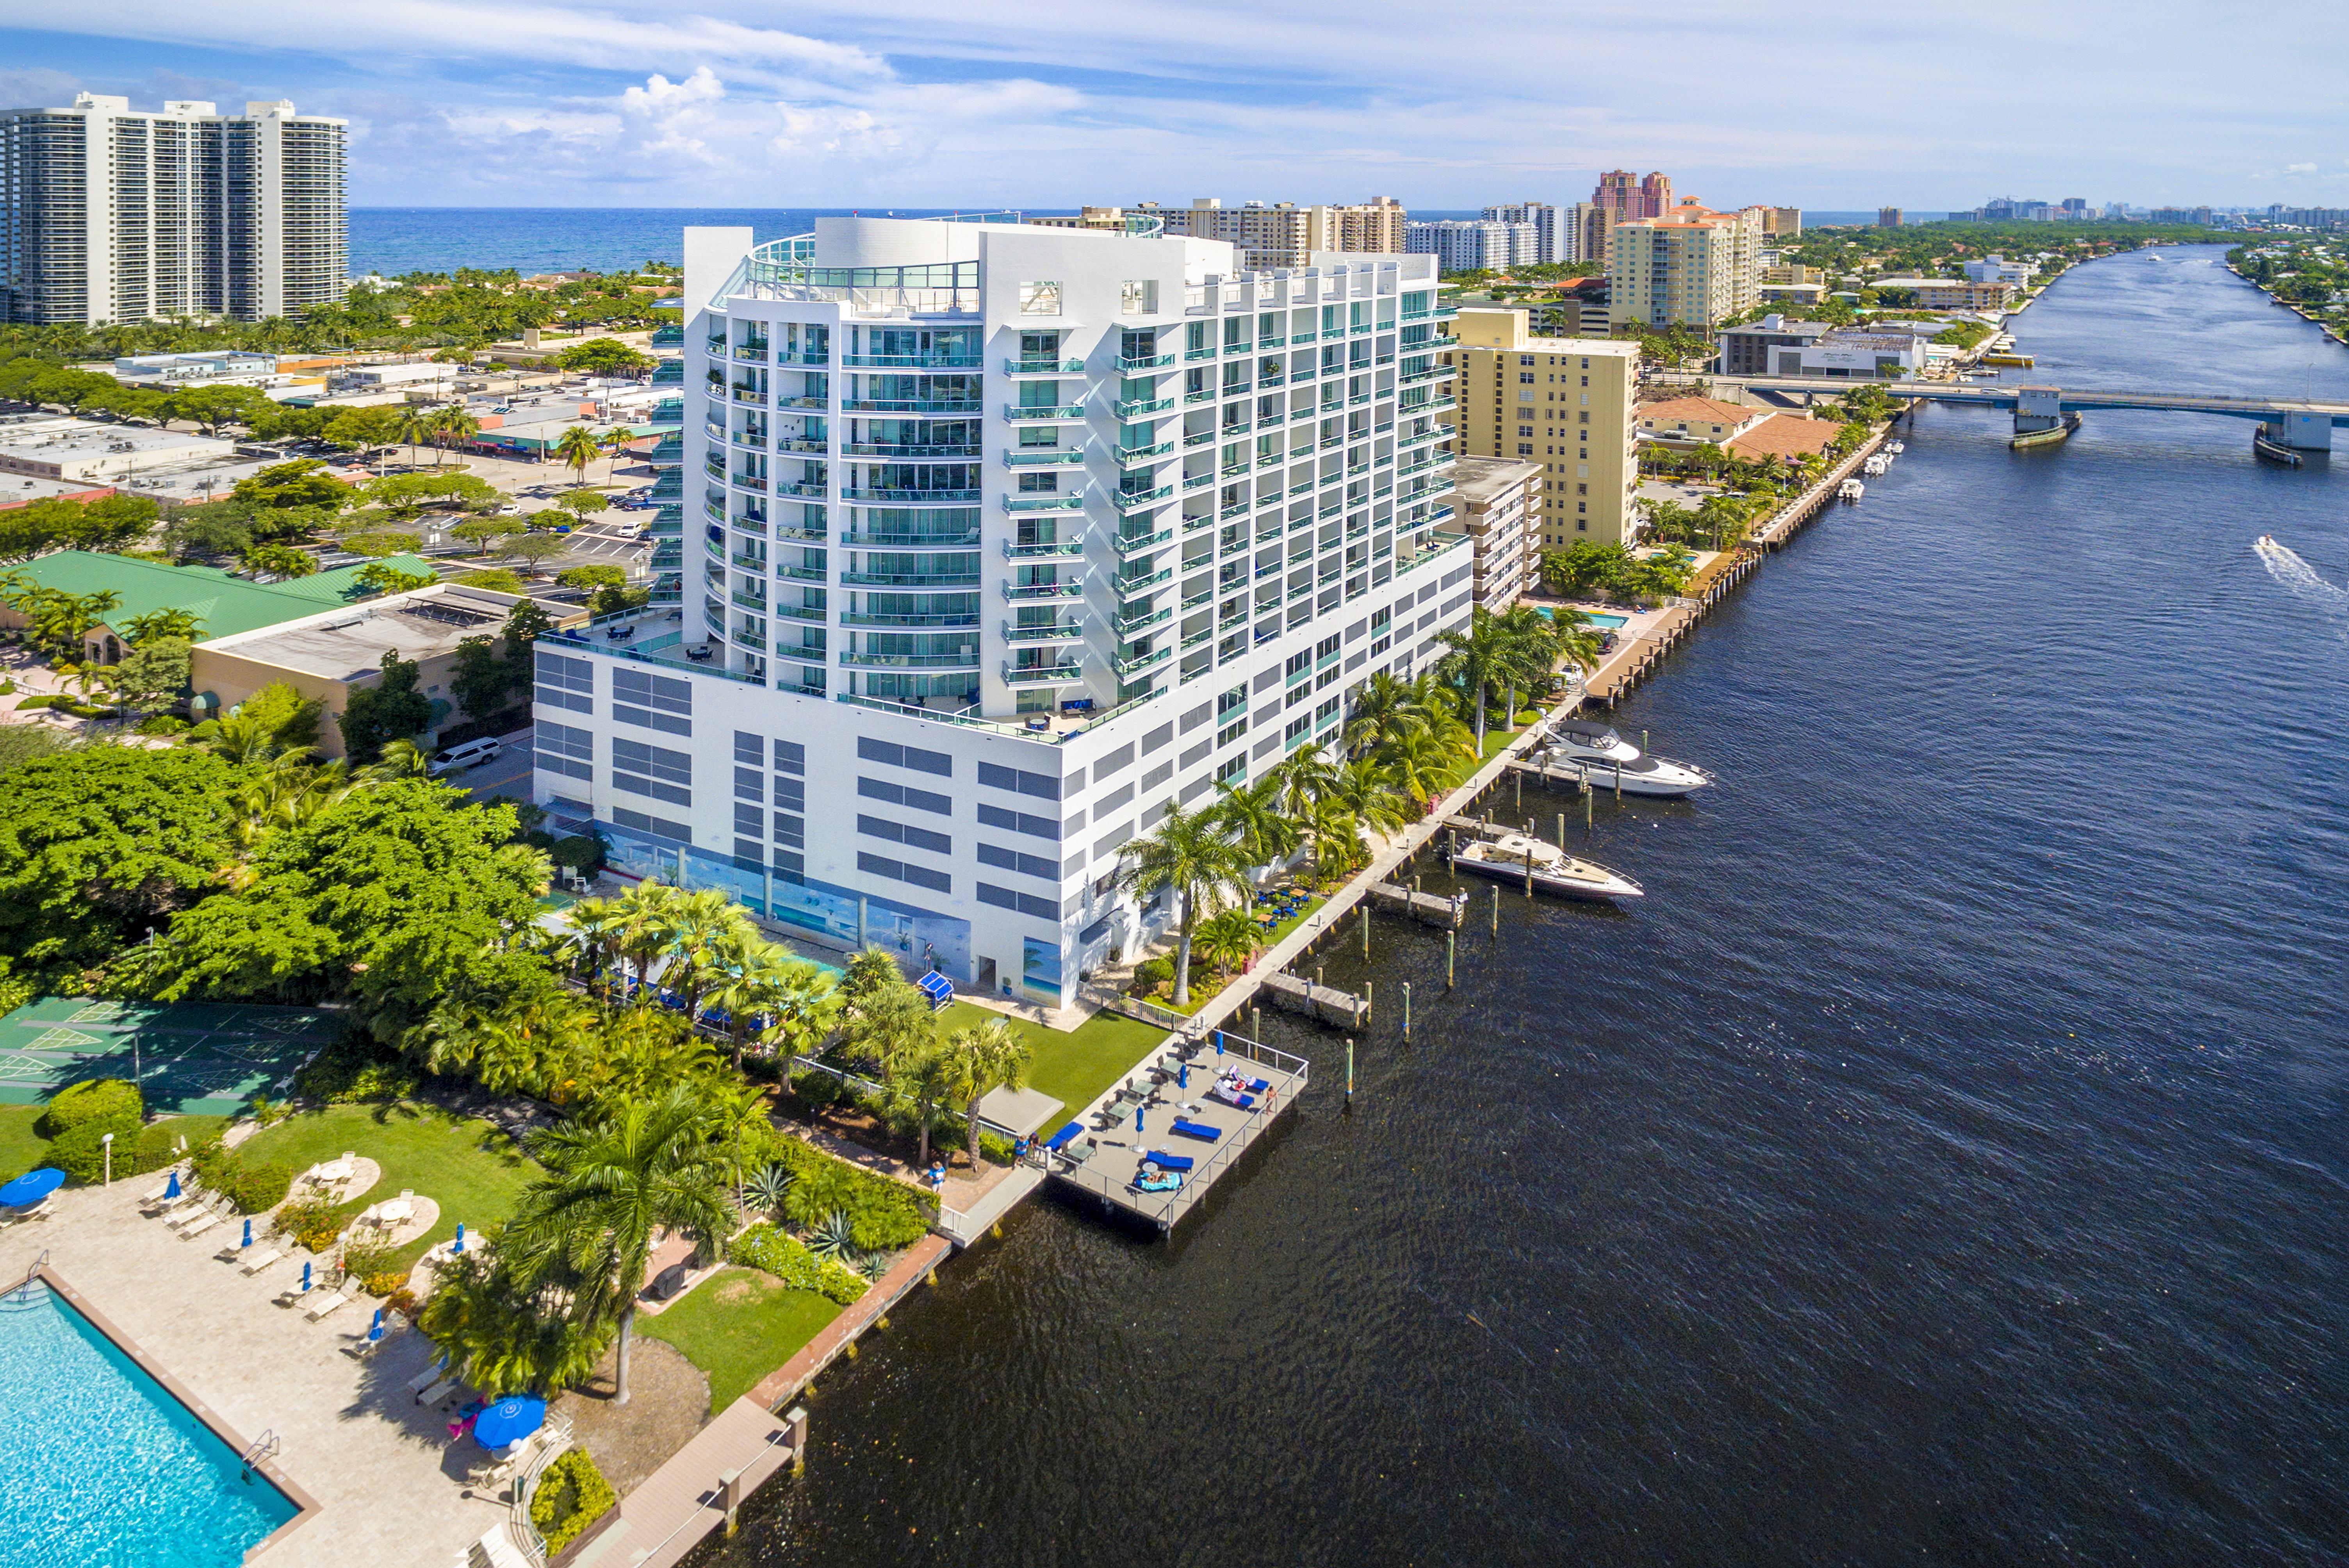 Appartement pour l Vente à 3333 Ne 32nd Ave #1502 3333 Ne 32nd Ave 1502 Fort Lauderdale, Florida, 33308 États-Unis